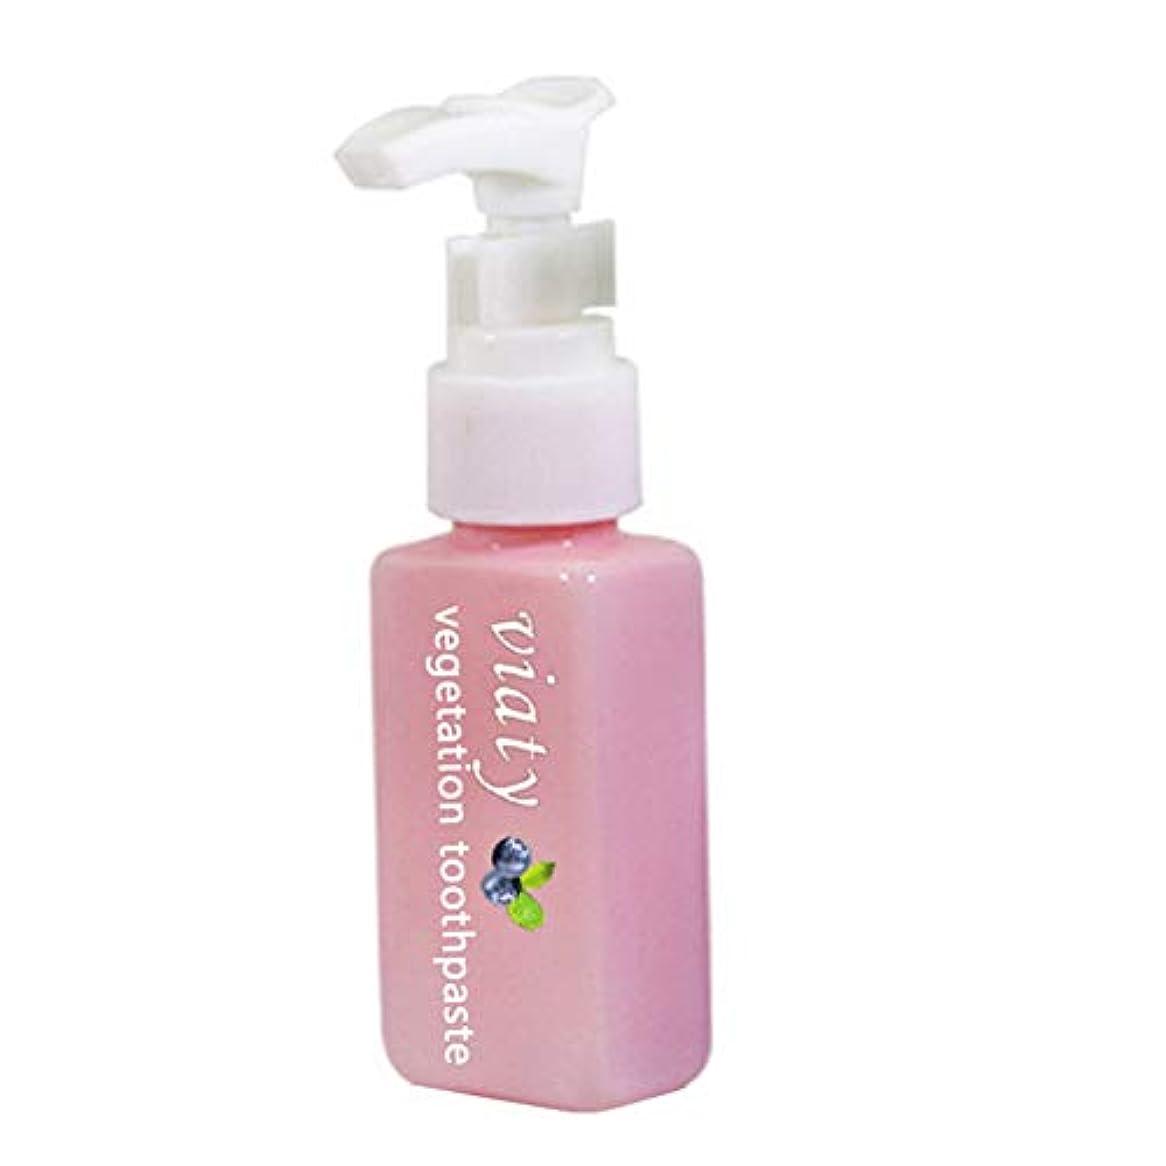 見通し最後に望ましいAylincool歯磨き粉アンチブリードガムプレスタイプ新鮮な歯磨き粉を白くする汚れ除去剤